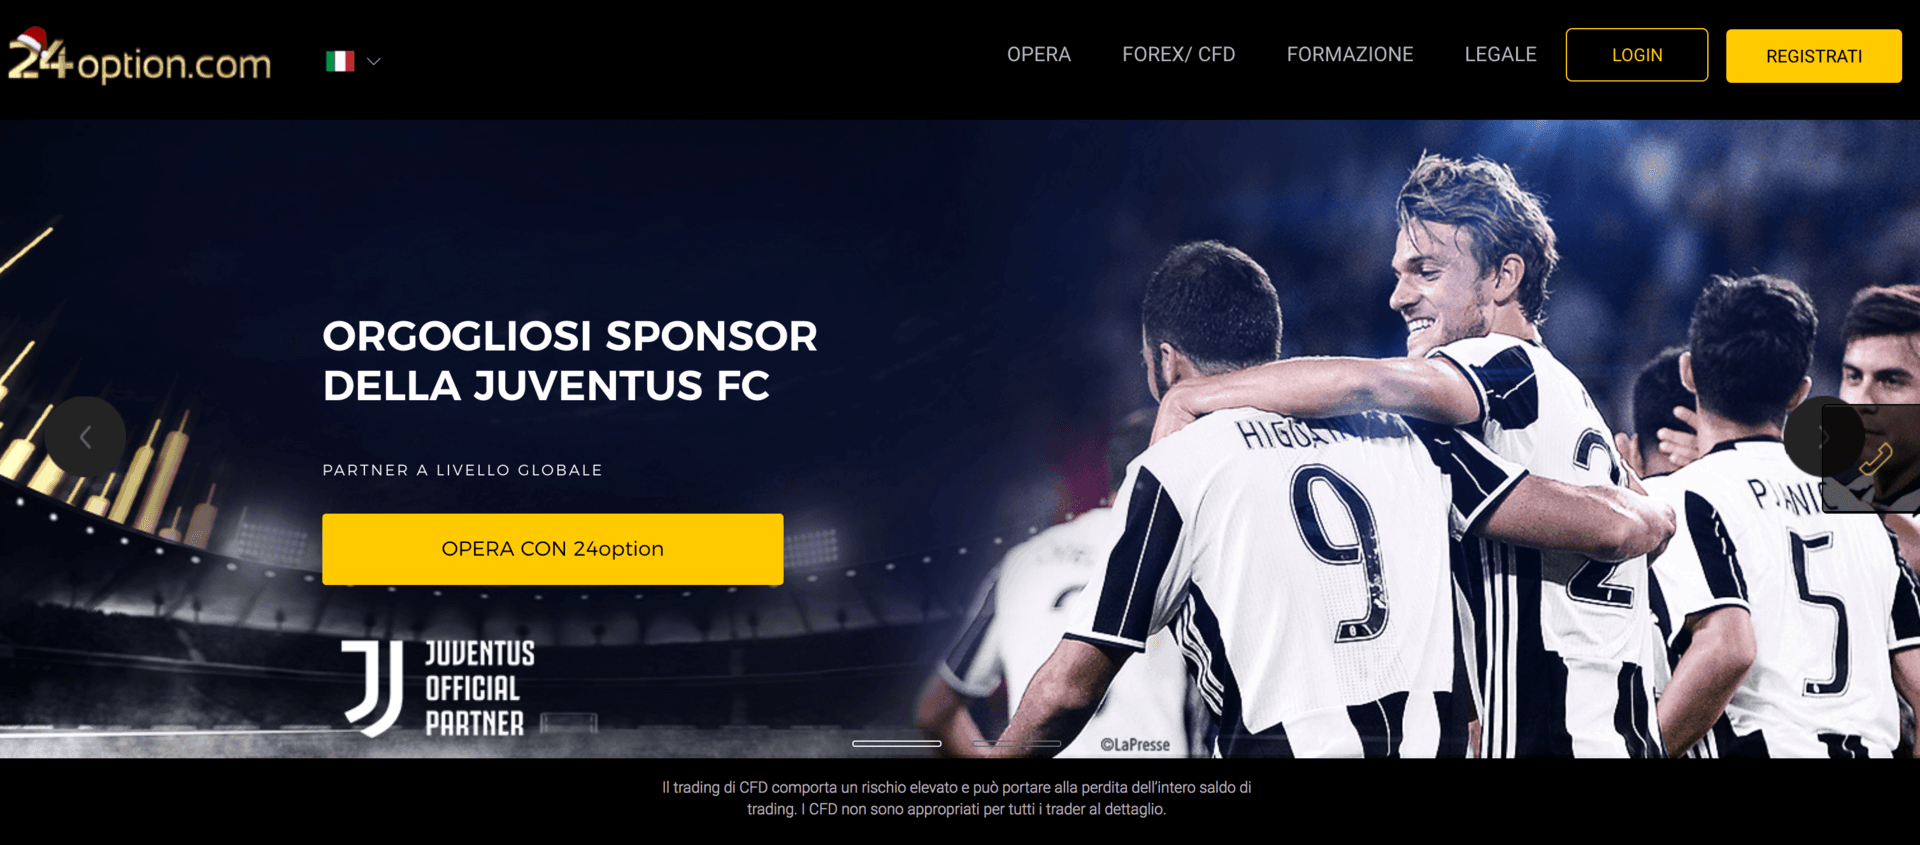 Azioni Juventus: comprare dopo Cristiano Ronaldo?